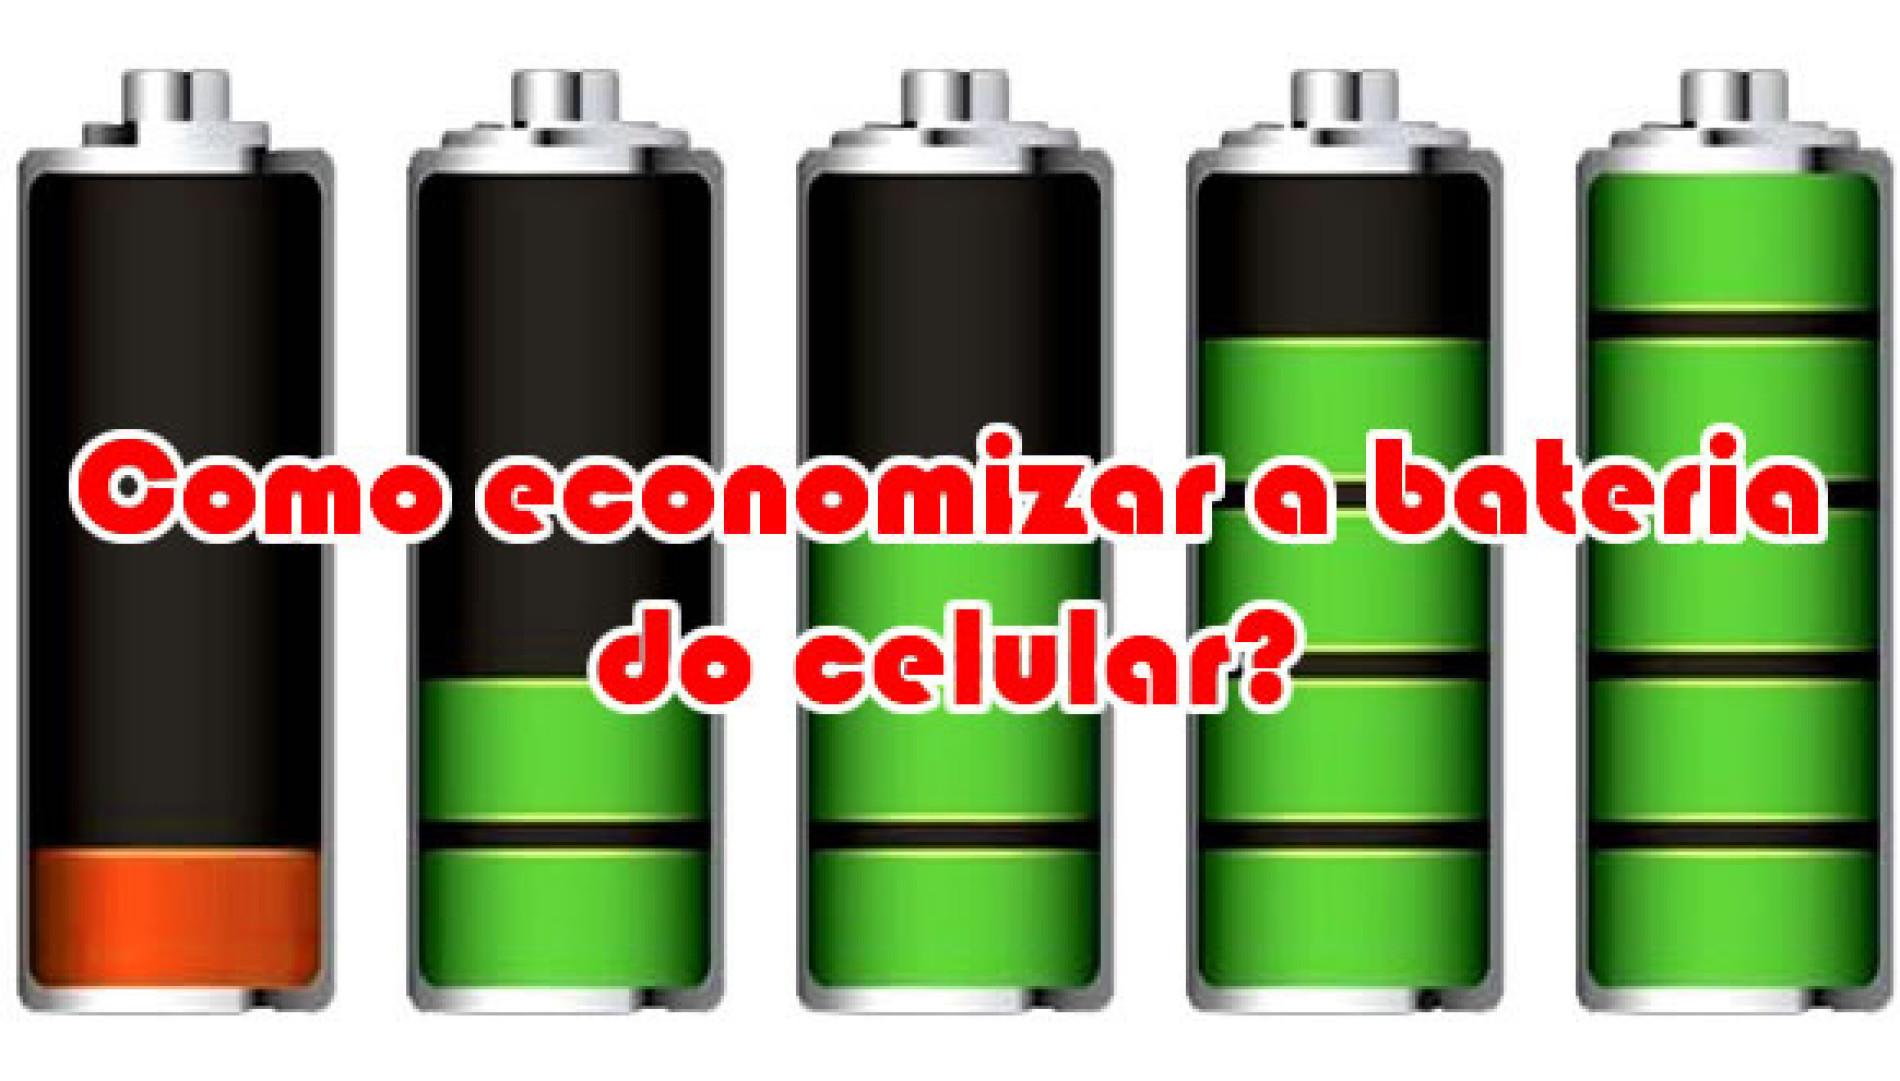 Como fazer a bateria do meu celular smartphone durar mais?